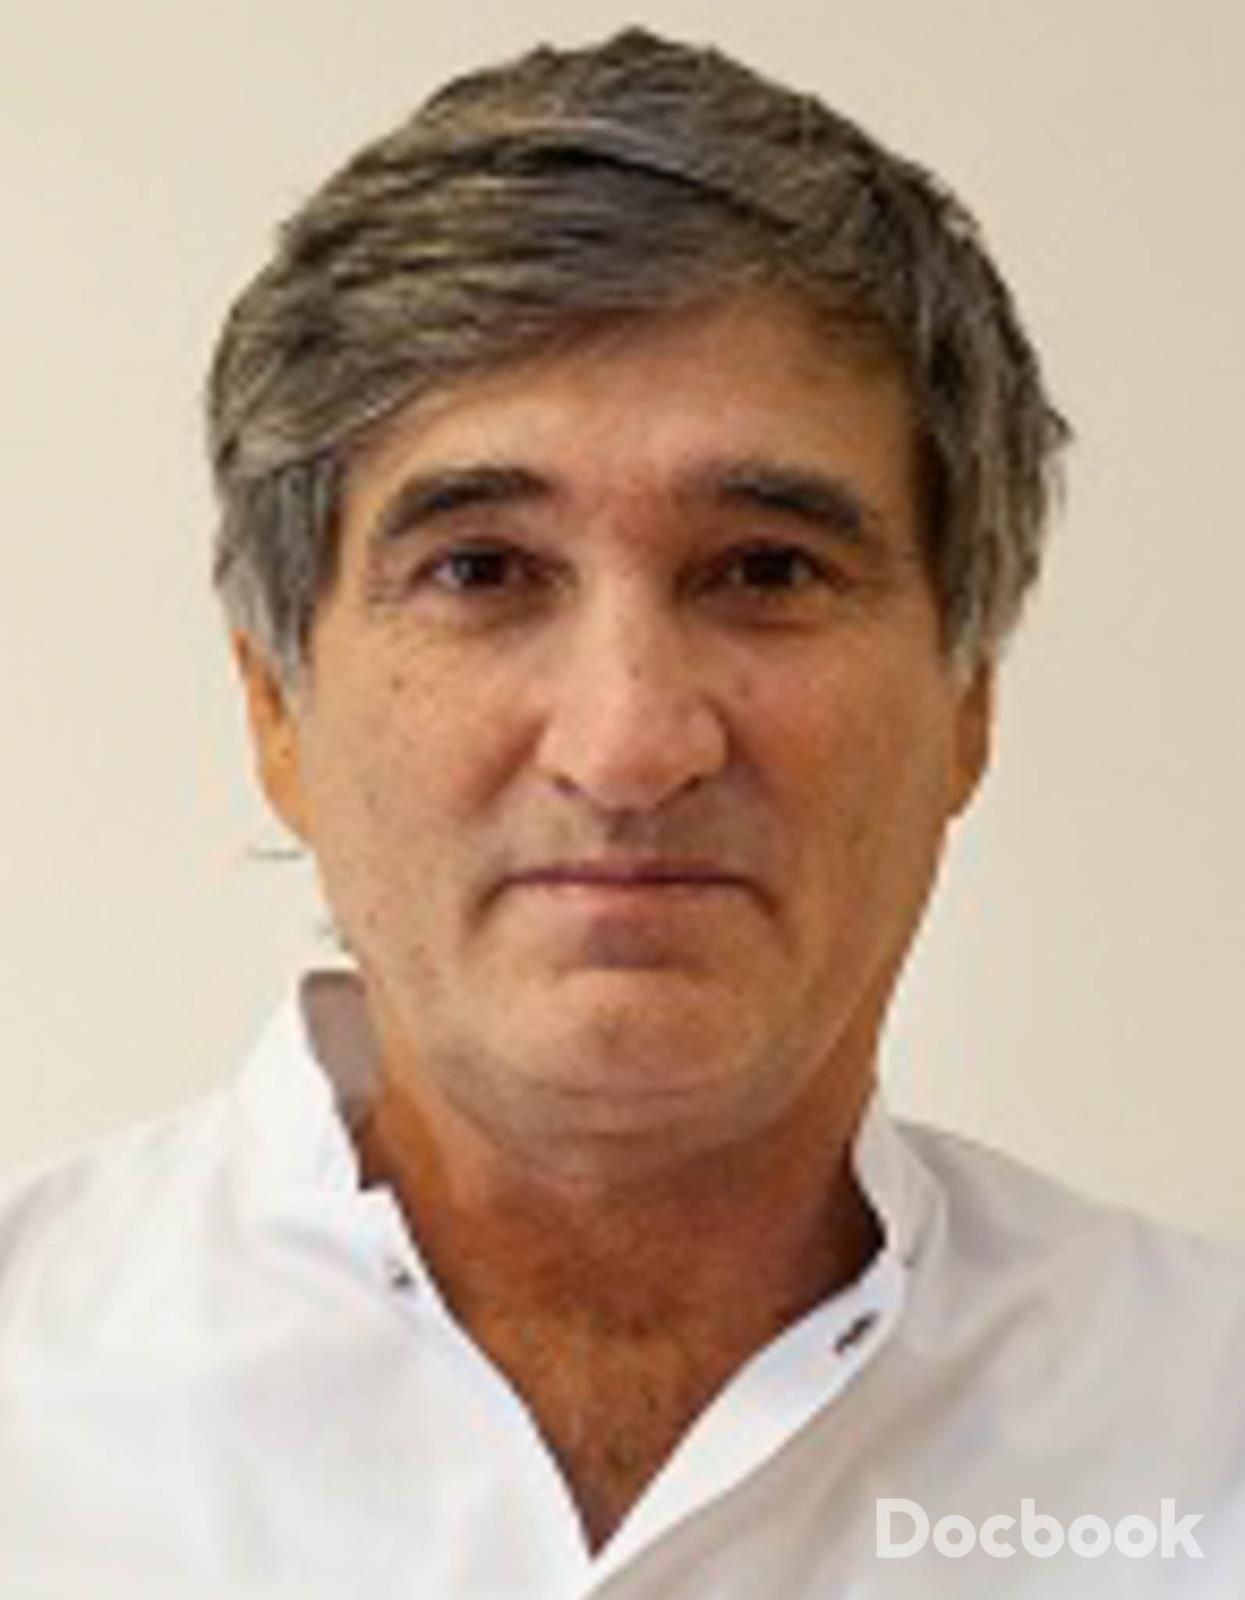 Dr. Dumitru Badila